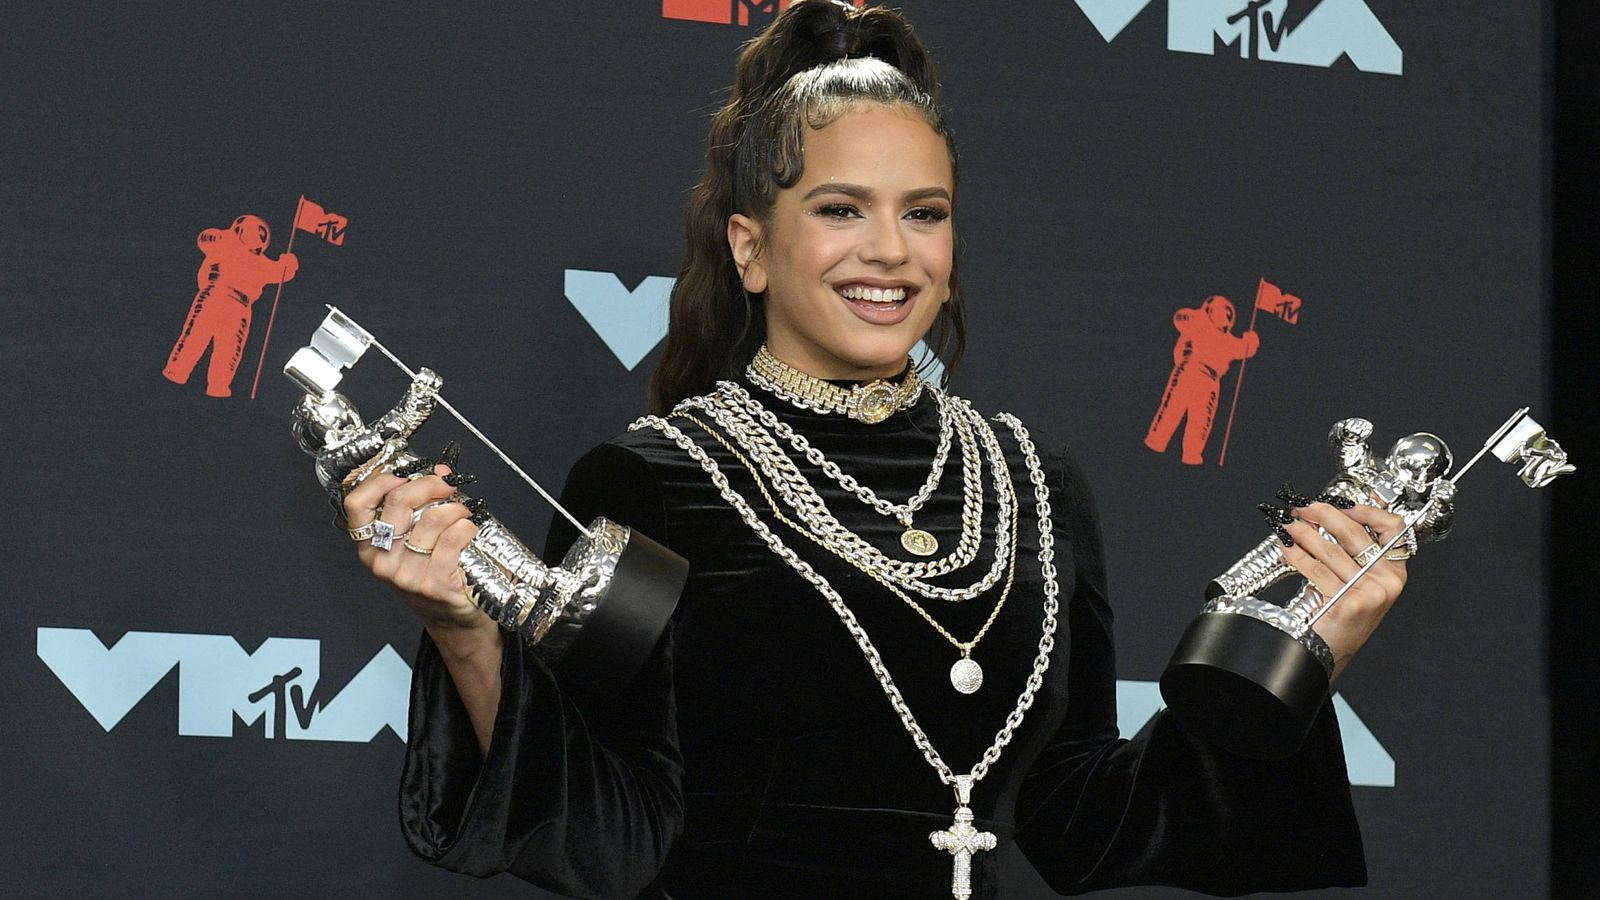 Foto: 'Con altura', la canción de Rosalía junto a J Balvin, ganó el premio a mejor vídeo latino y mejor coreografía en los MTV Video Music Award. (Getty)